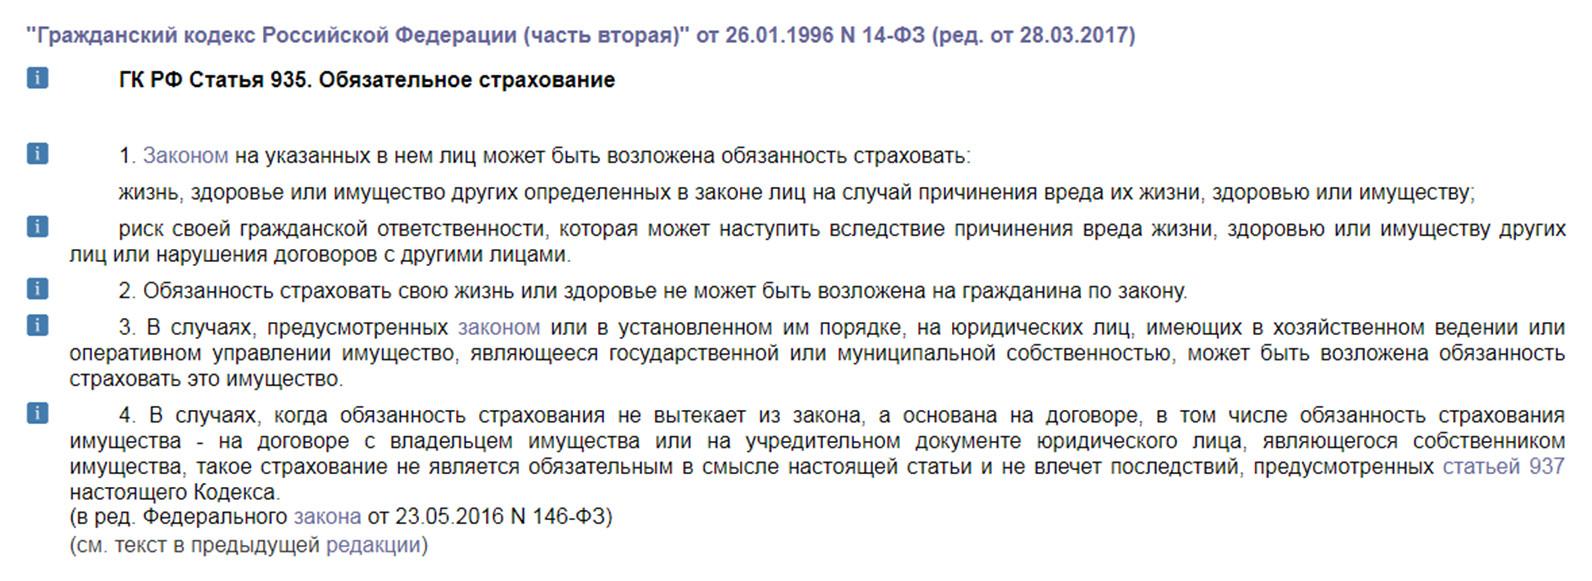 Текст статьи 395 Гражданского Кодекса России